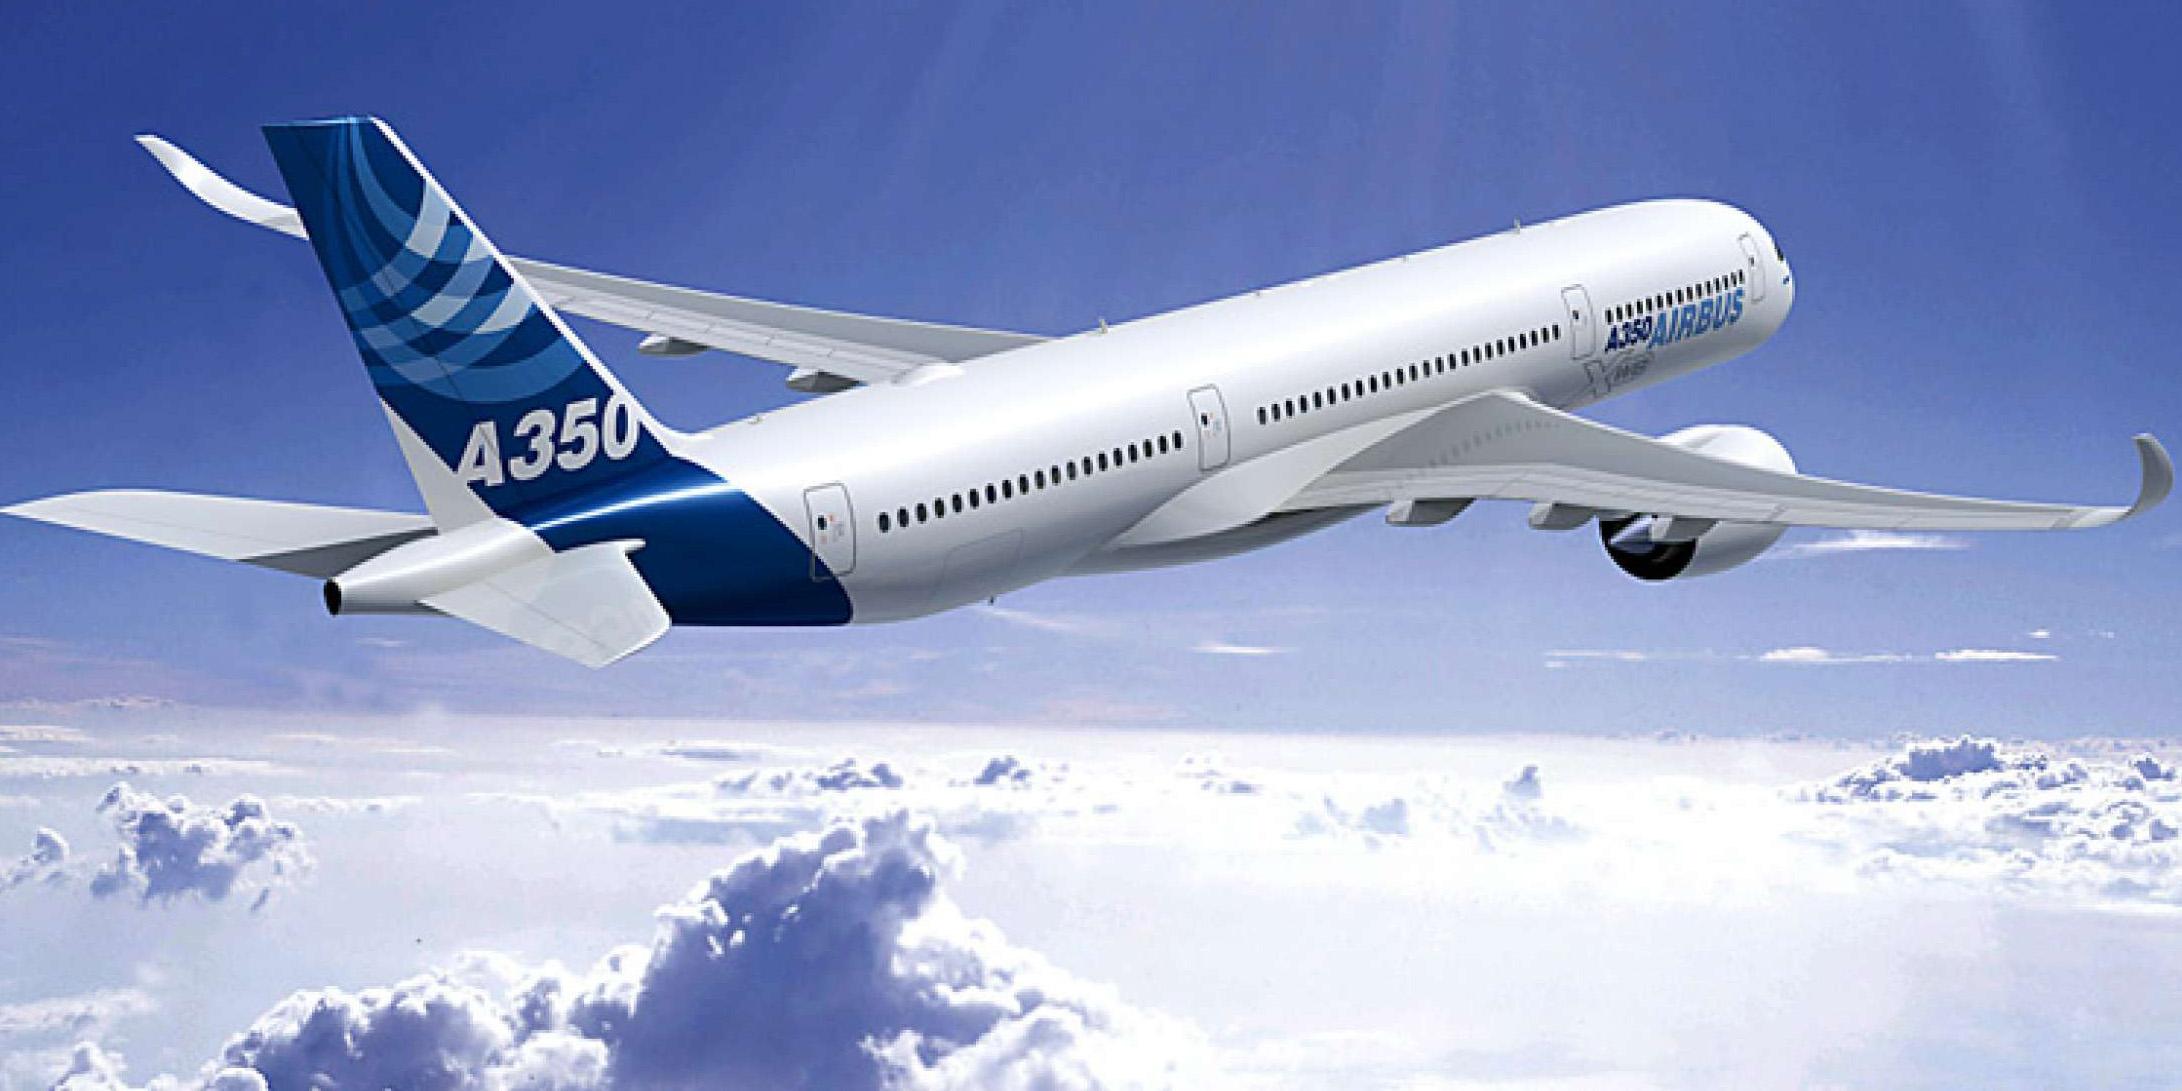 هواپیمای جدید ایرباس پنجشنبه این هفته وارد مهرآباد میشود